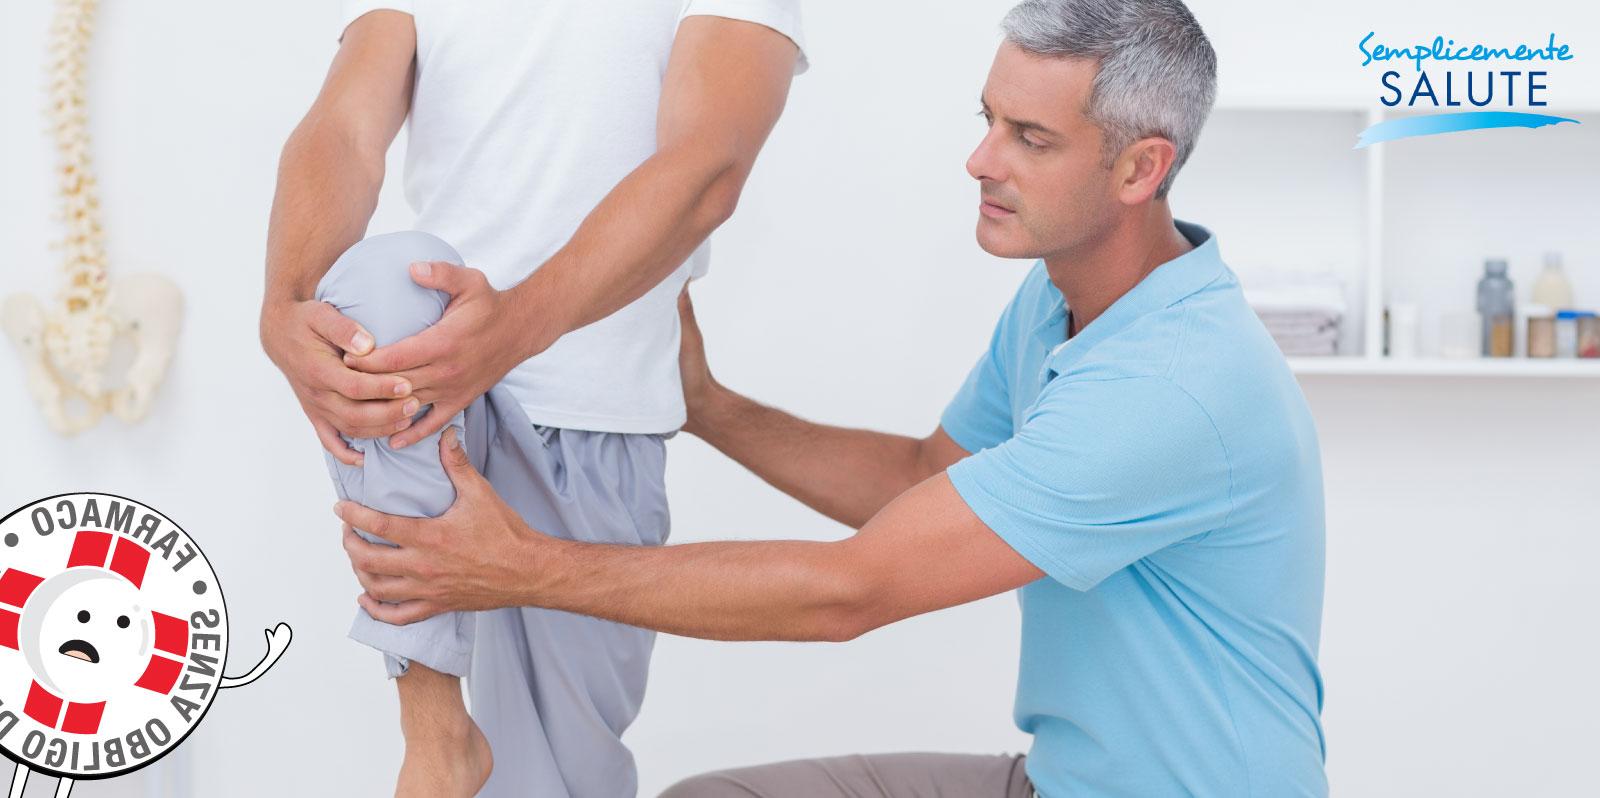 Aiuto come e instabile la mia articolazione